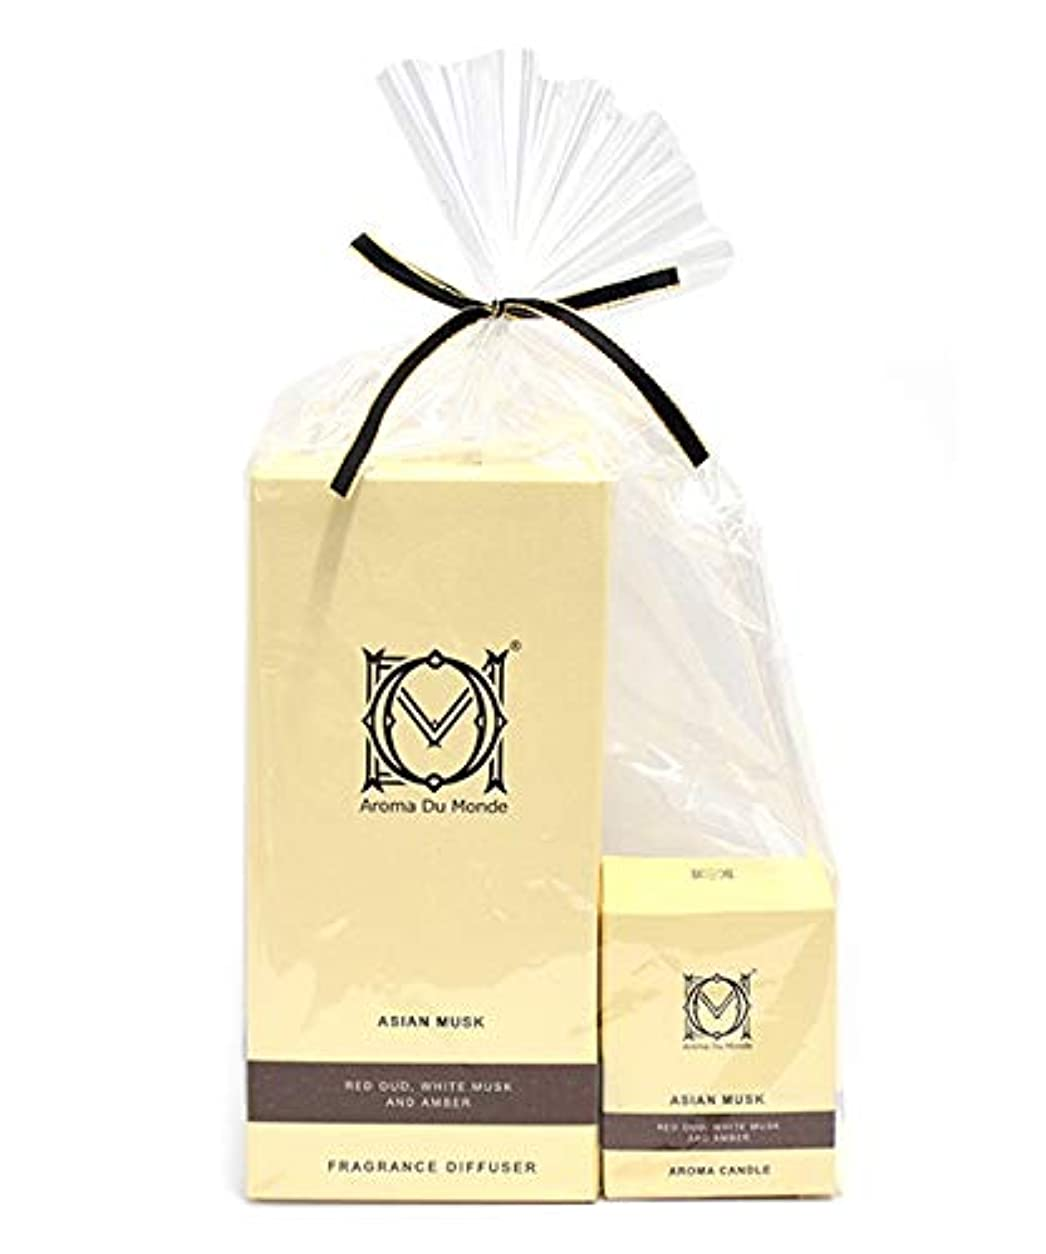 苦解読するエージェントフレグランスディフューザー&キャンドル アジアンムスク セット Aroma Du Monde/ADM Fragrance Diffuser & Candle Asian Musk Set 81157